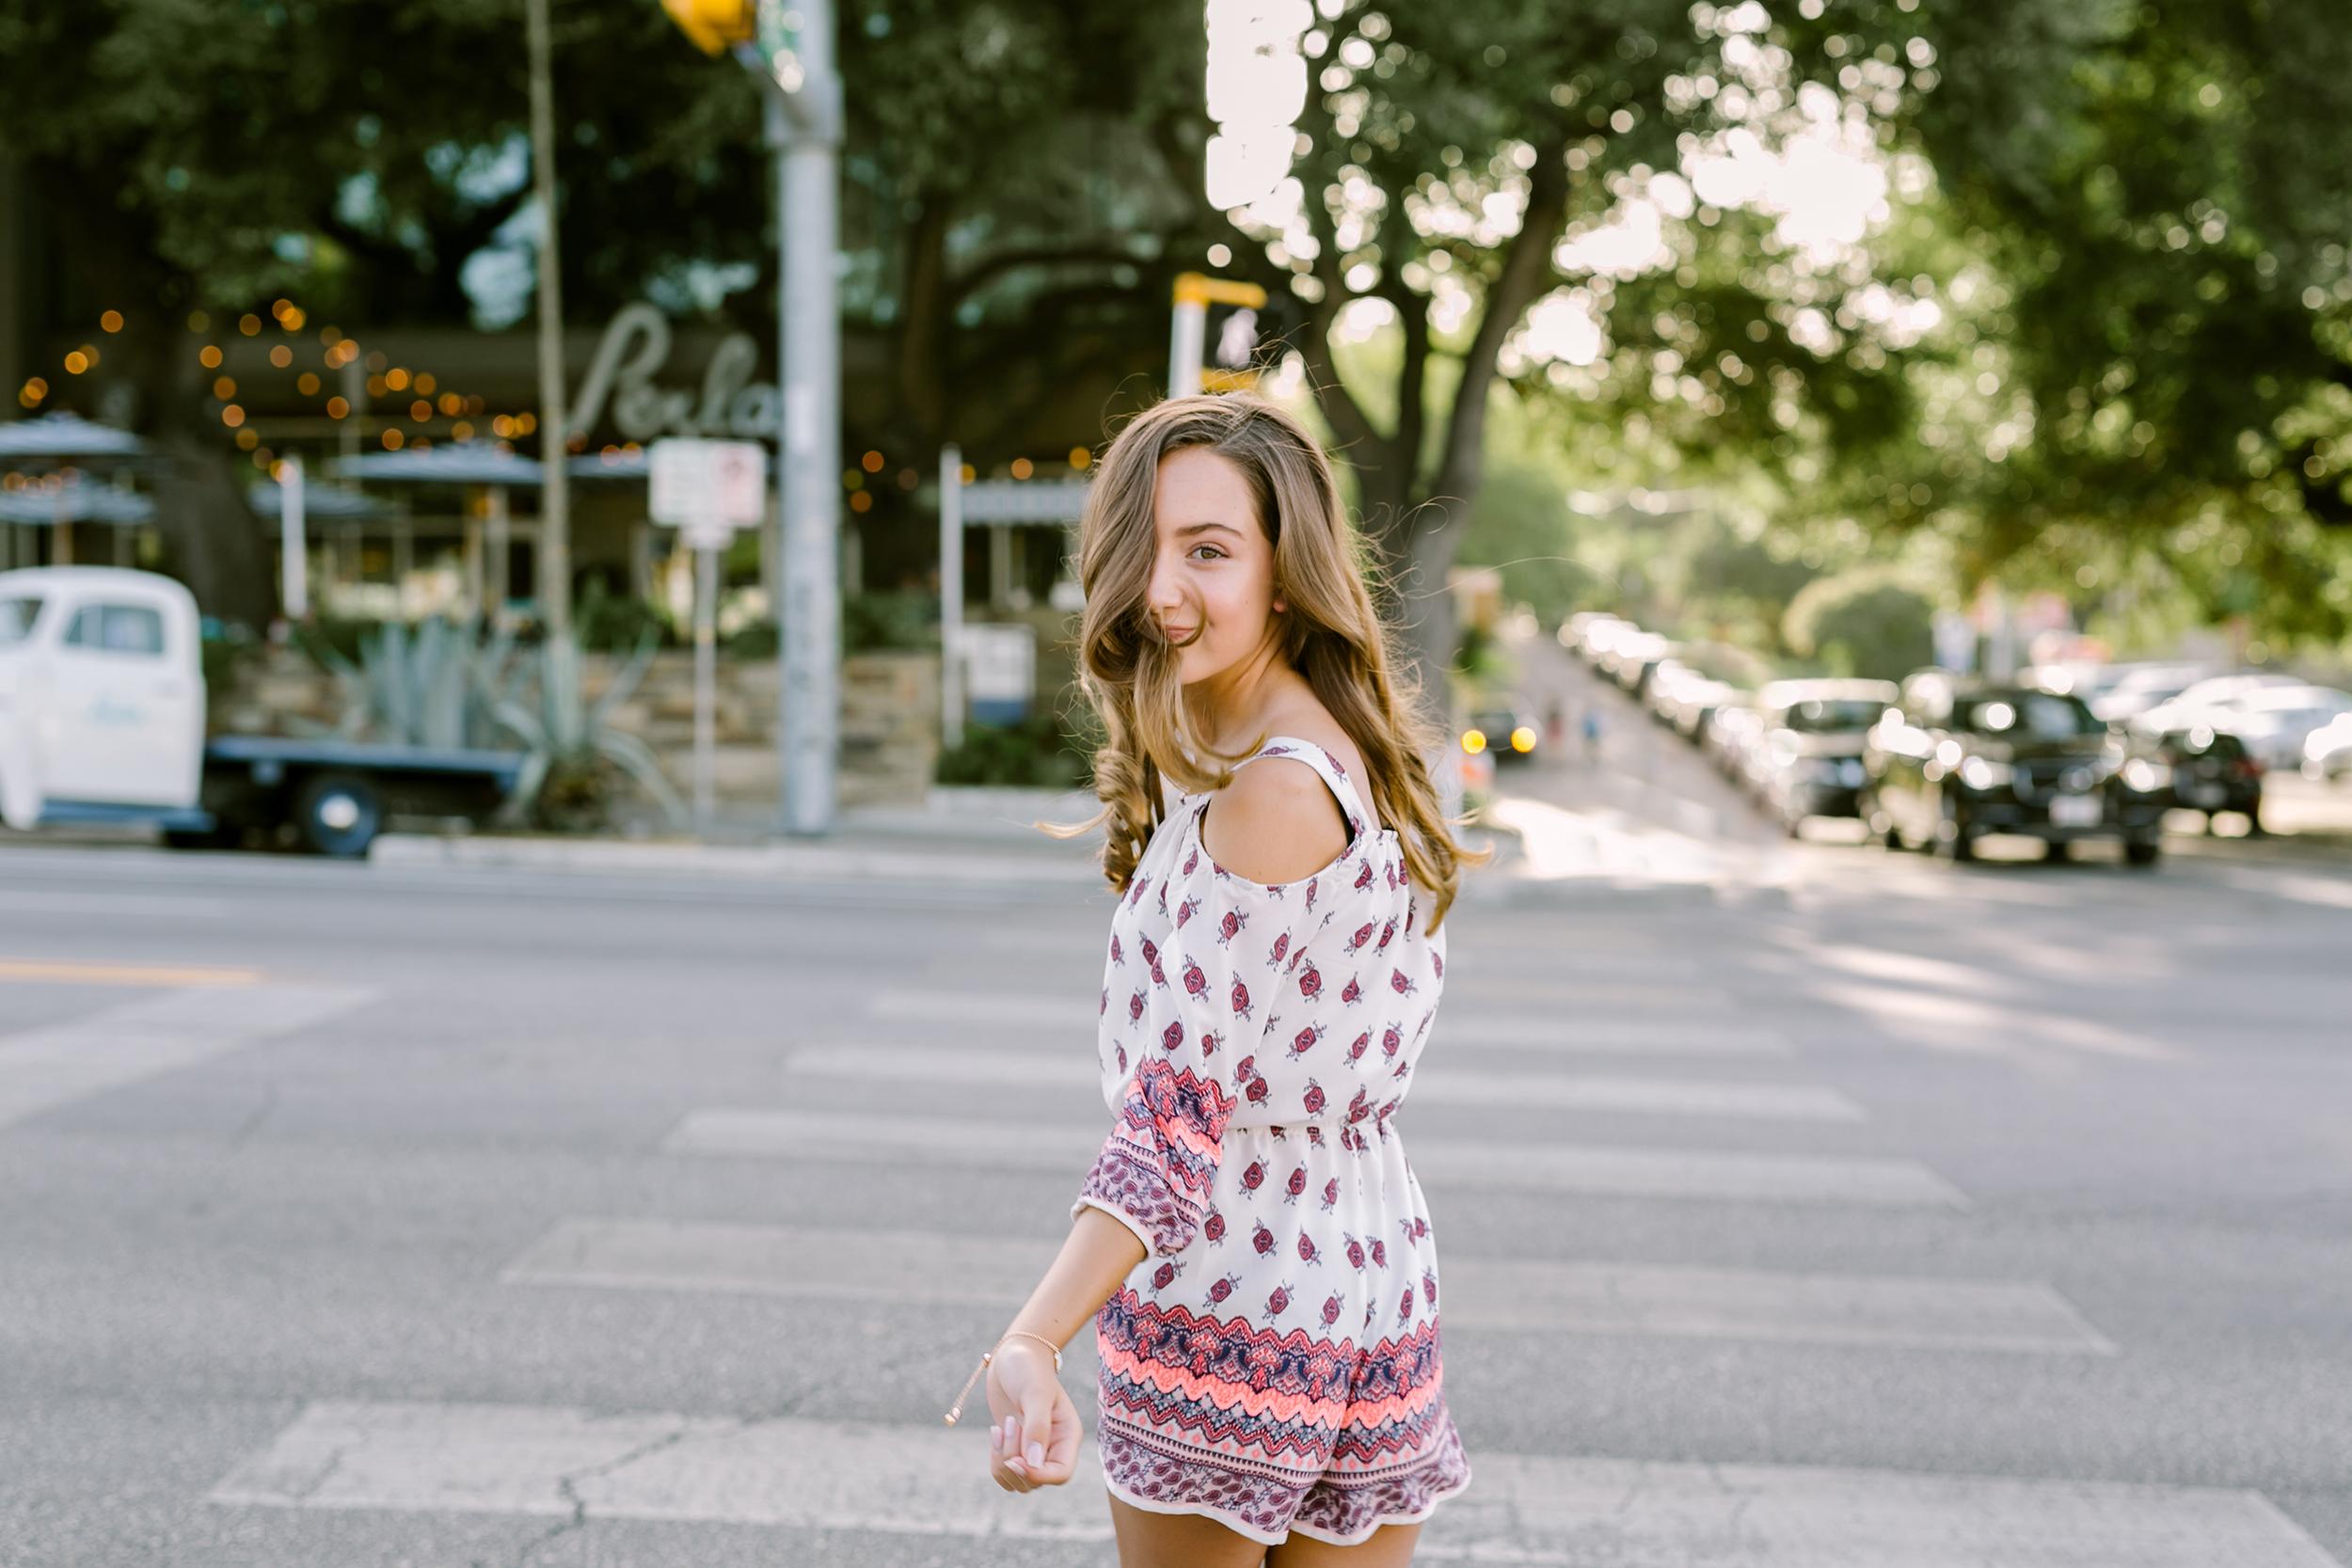 Austin_TX_Teen_Portraits_KBP26.jpg